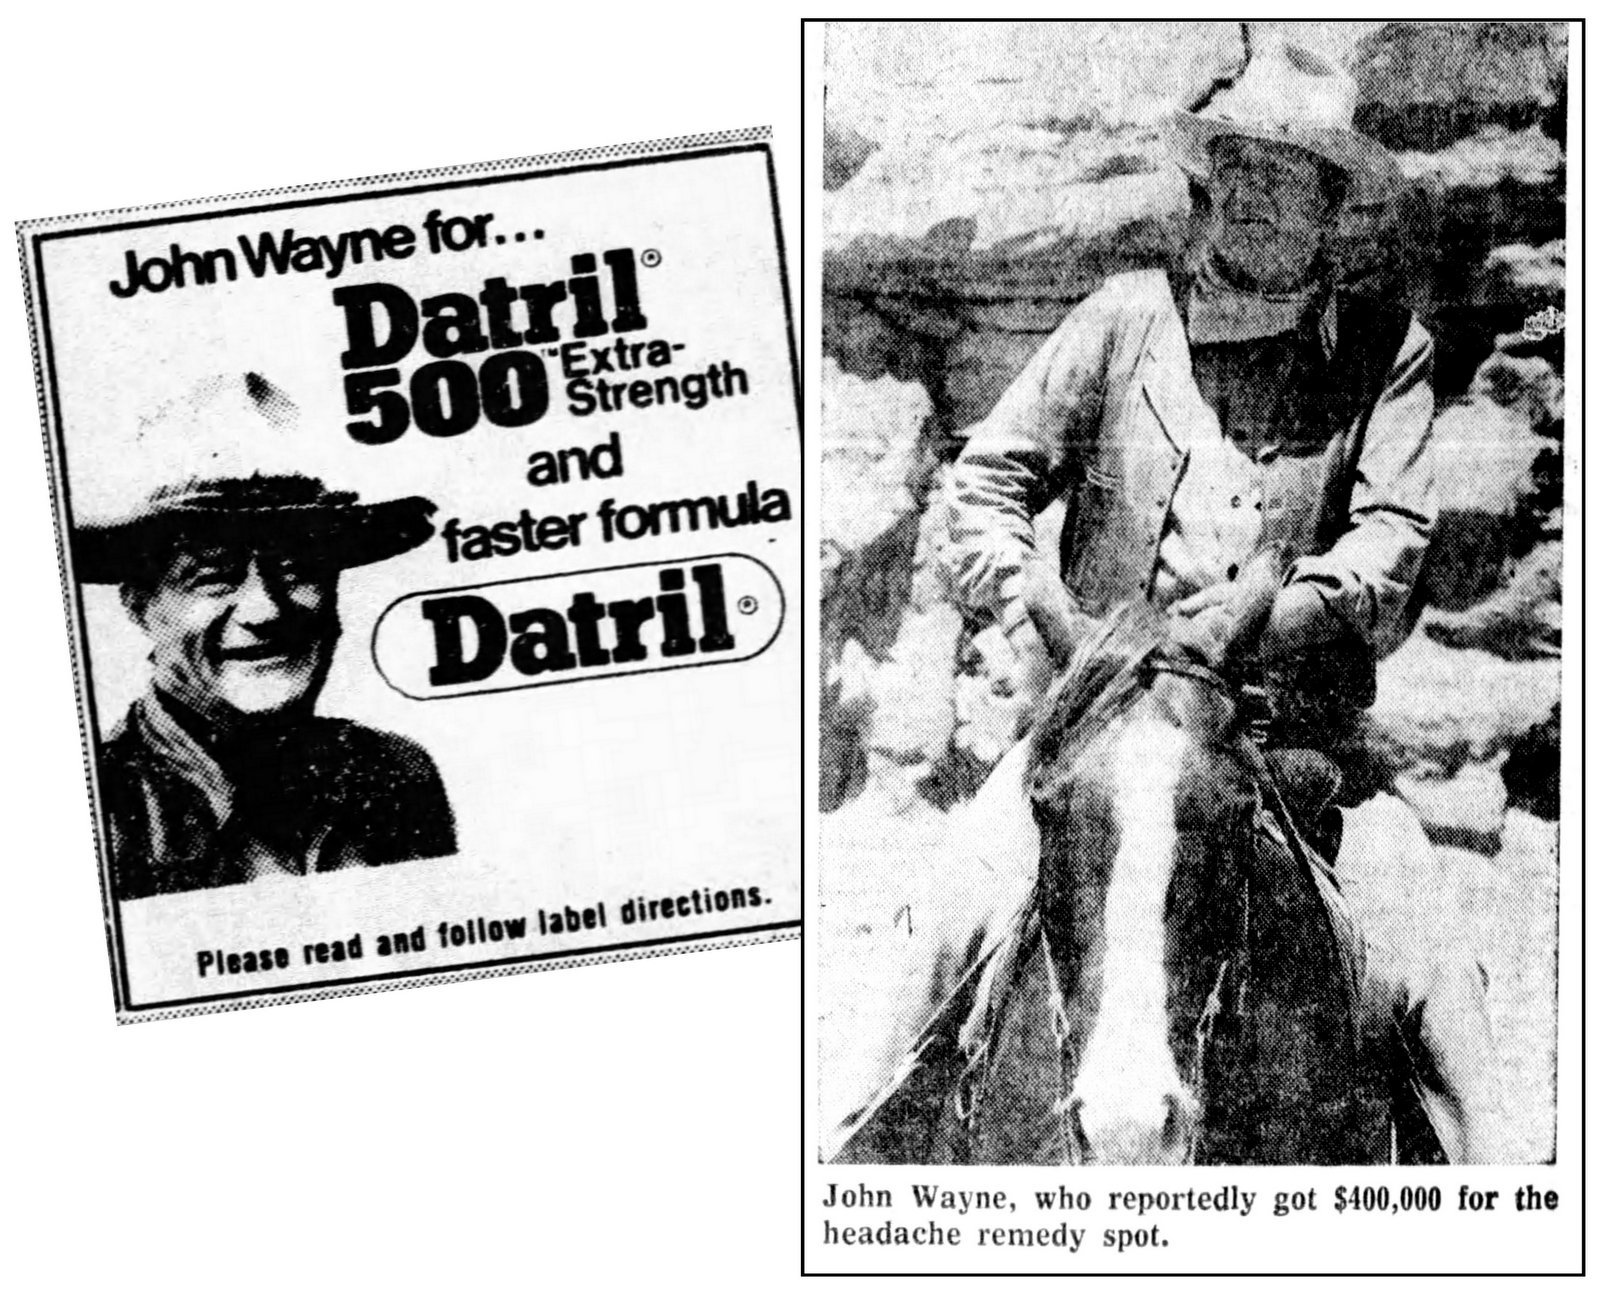 John Wayne introduced Datril 500 pain reliever